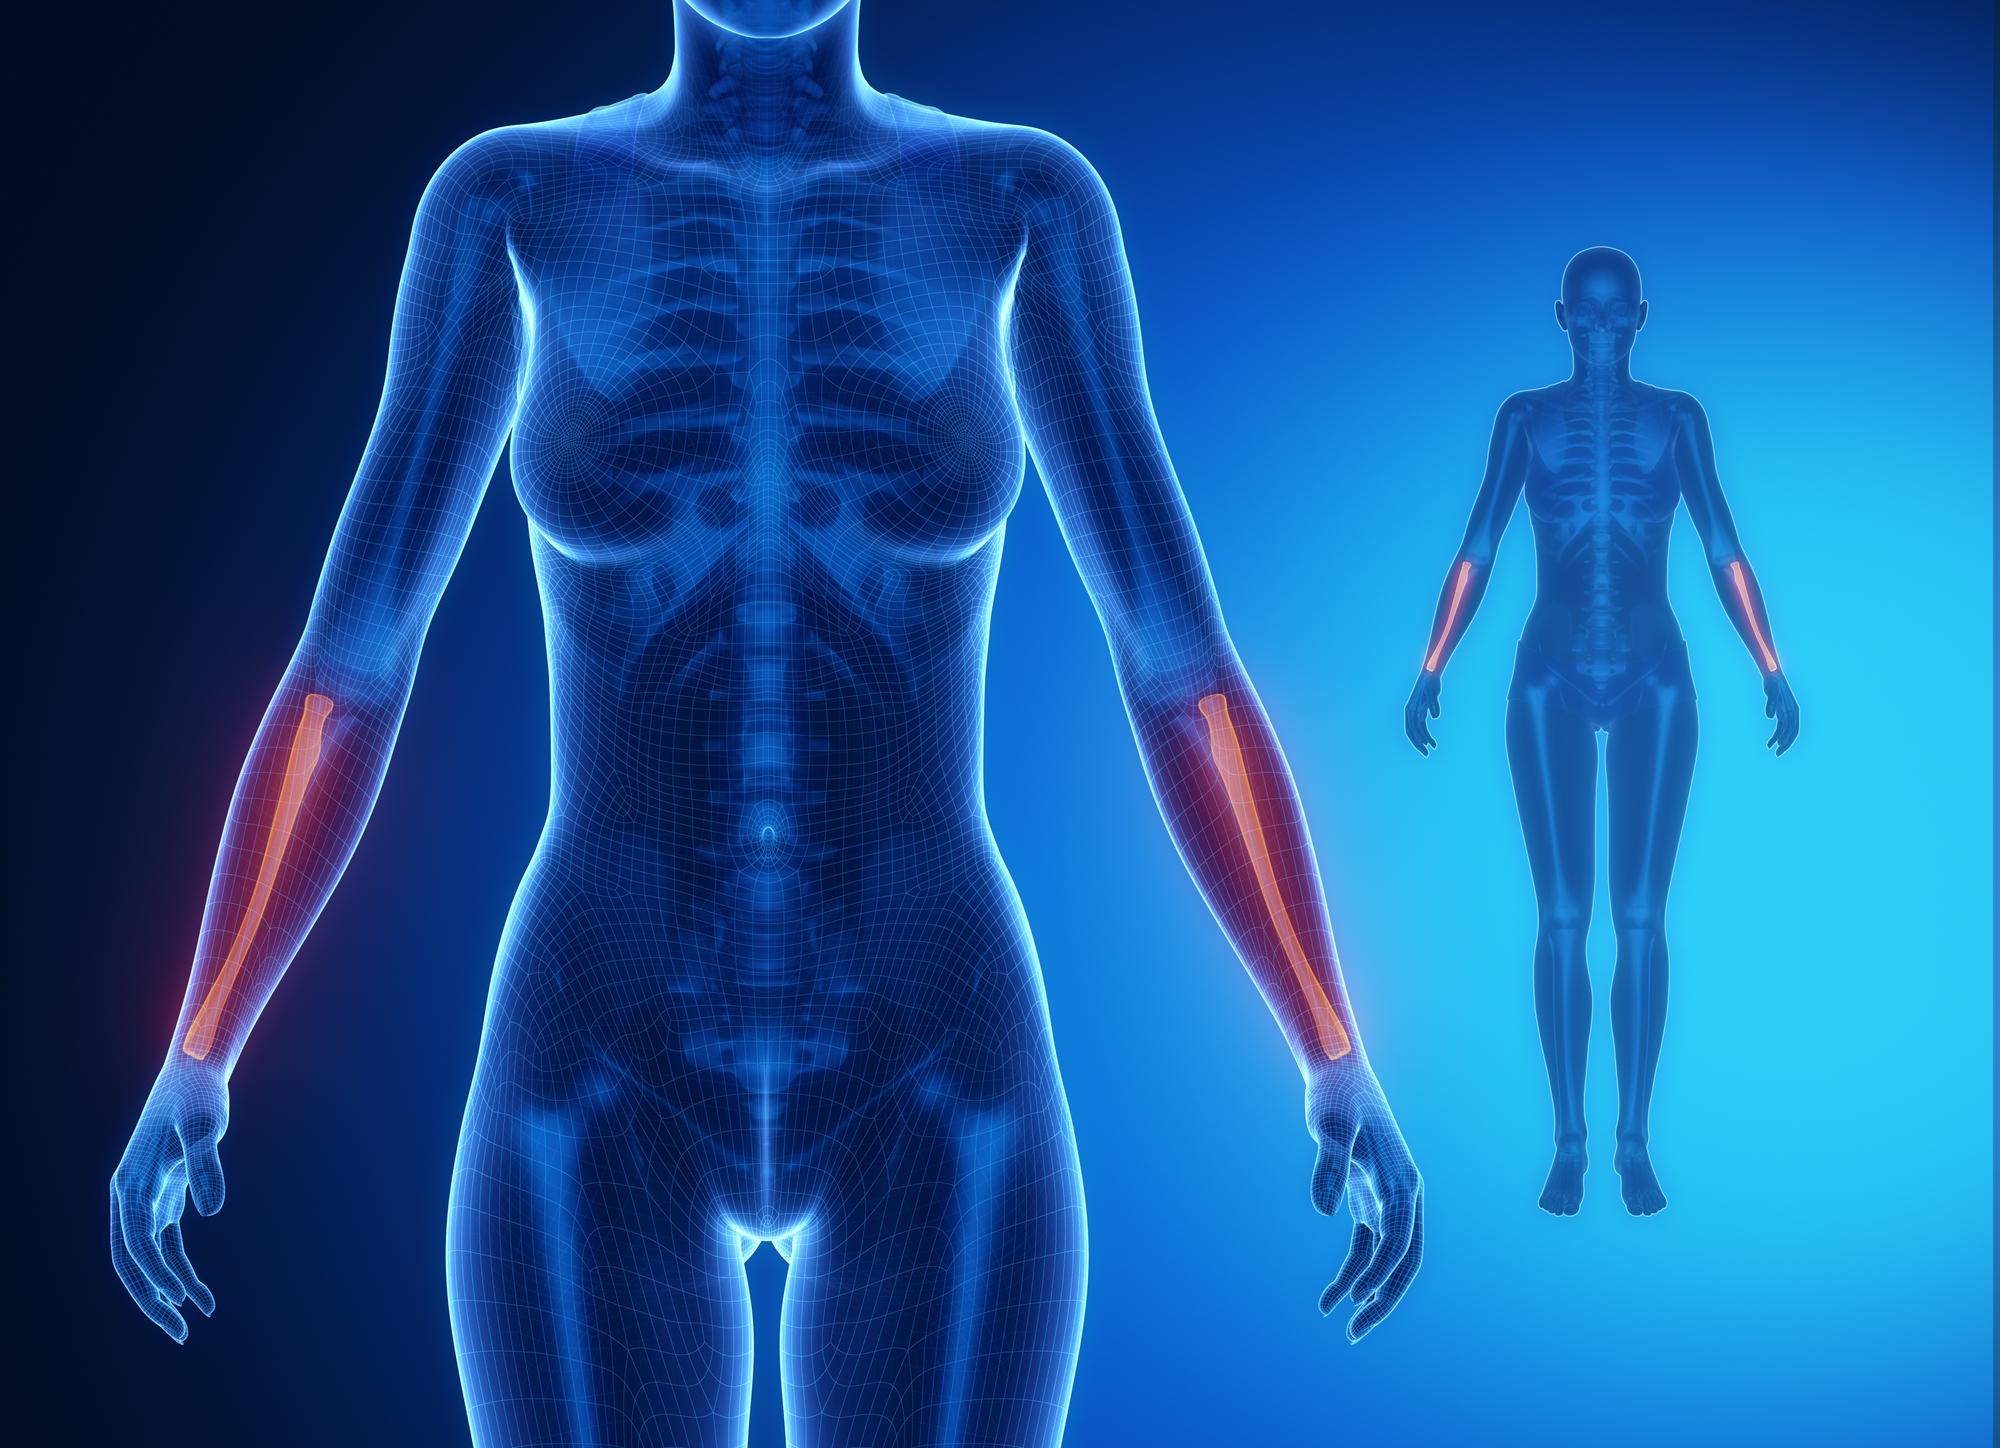 Atenção à saúde óssea